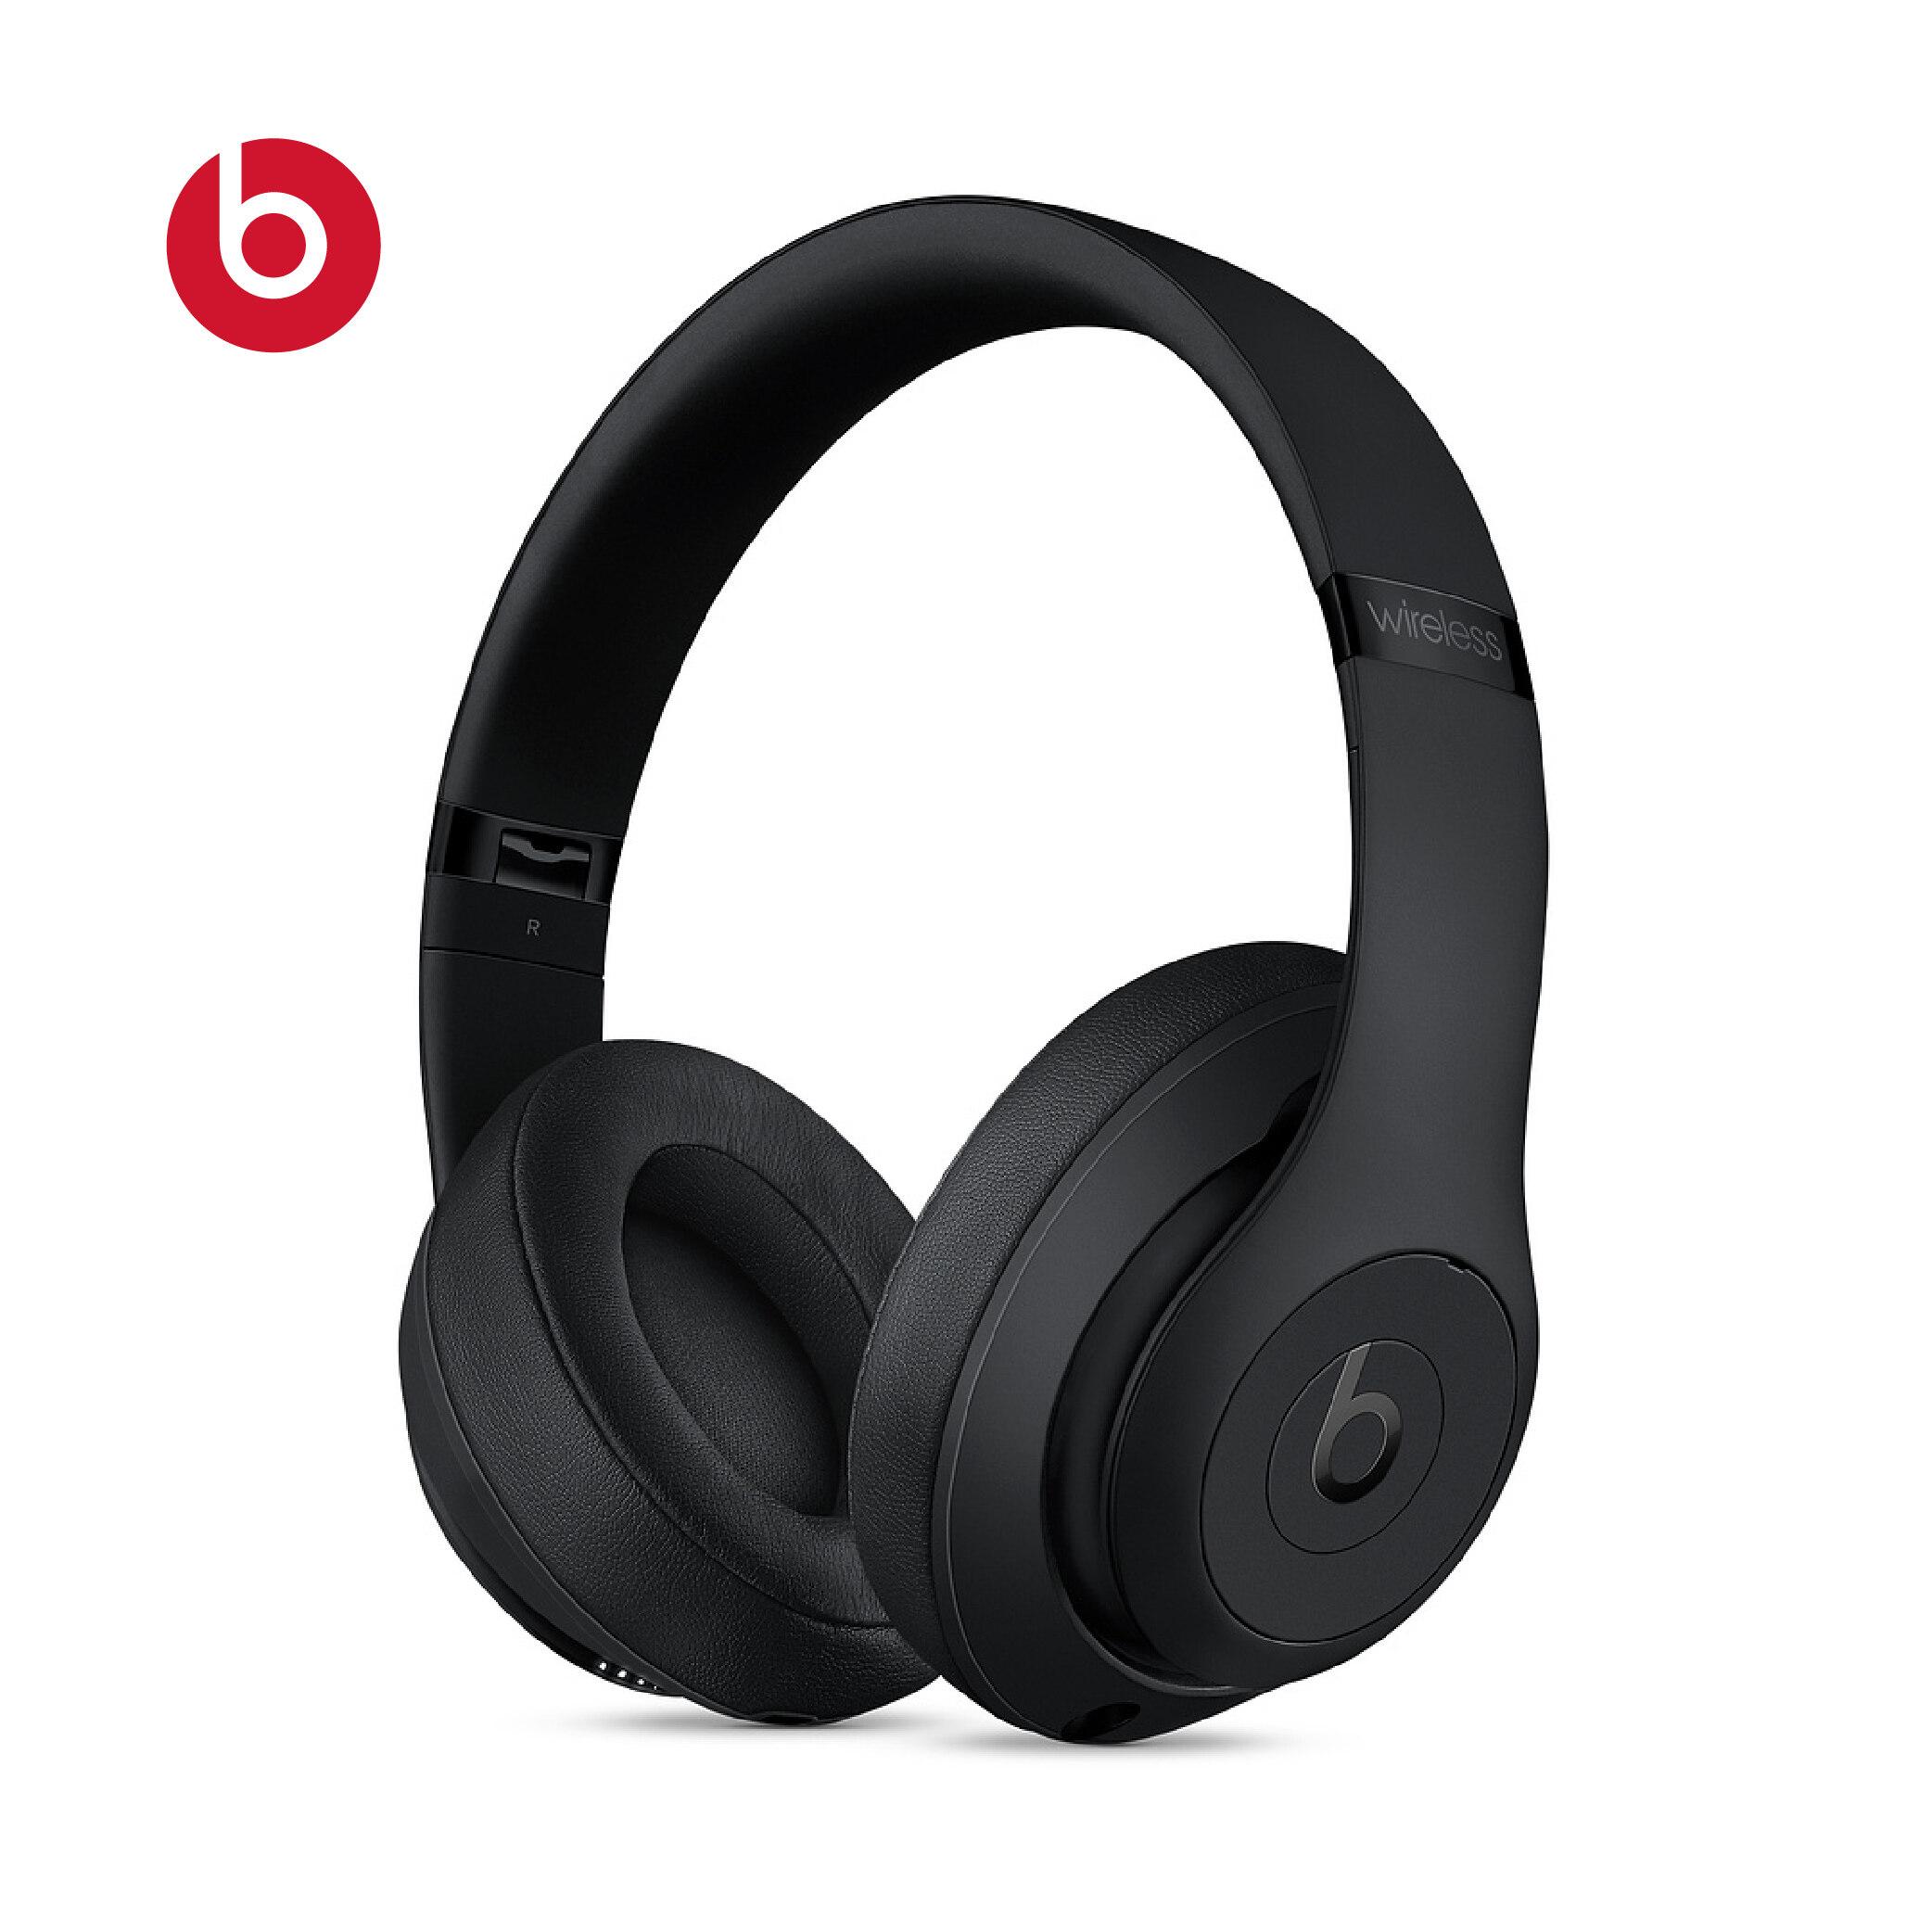 สต็อ��ท้ Studio3�บบไร้สายชุดหูฟังไร้สาย Bluetooth Magic เครื่องบันทึ�เสียง3หูฟังออ��ำลังจังหวะหูฟัง Studio 3หูฟัง Beats Studio3หูฟังไร้สาย